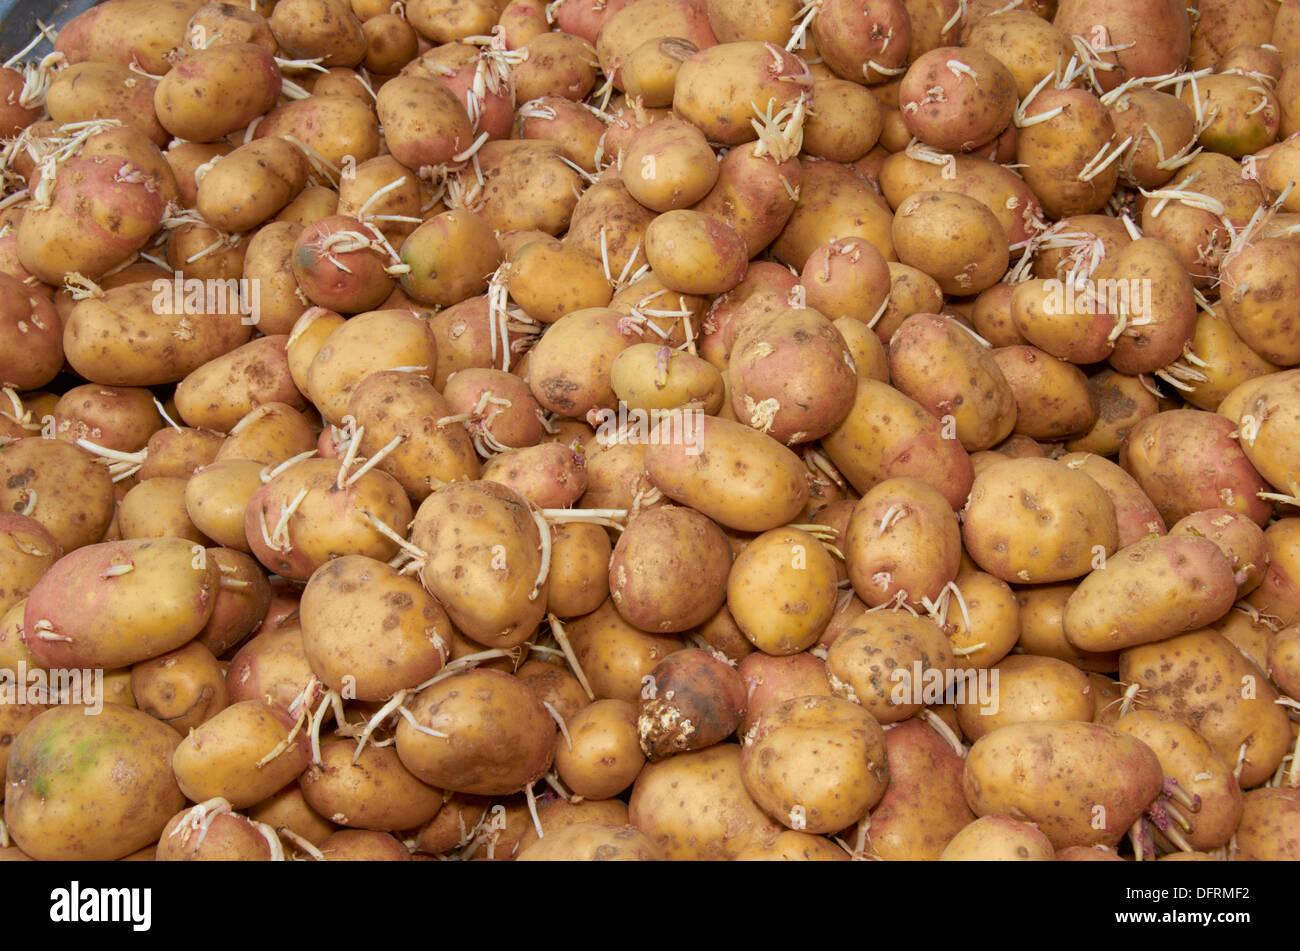 Old potatoes at a food bank. - Stock Image